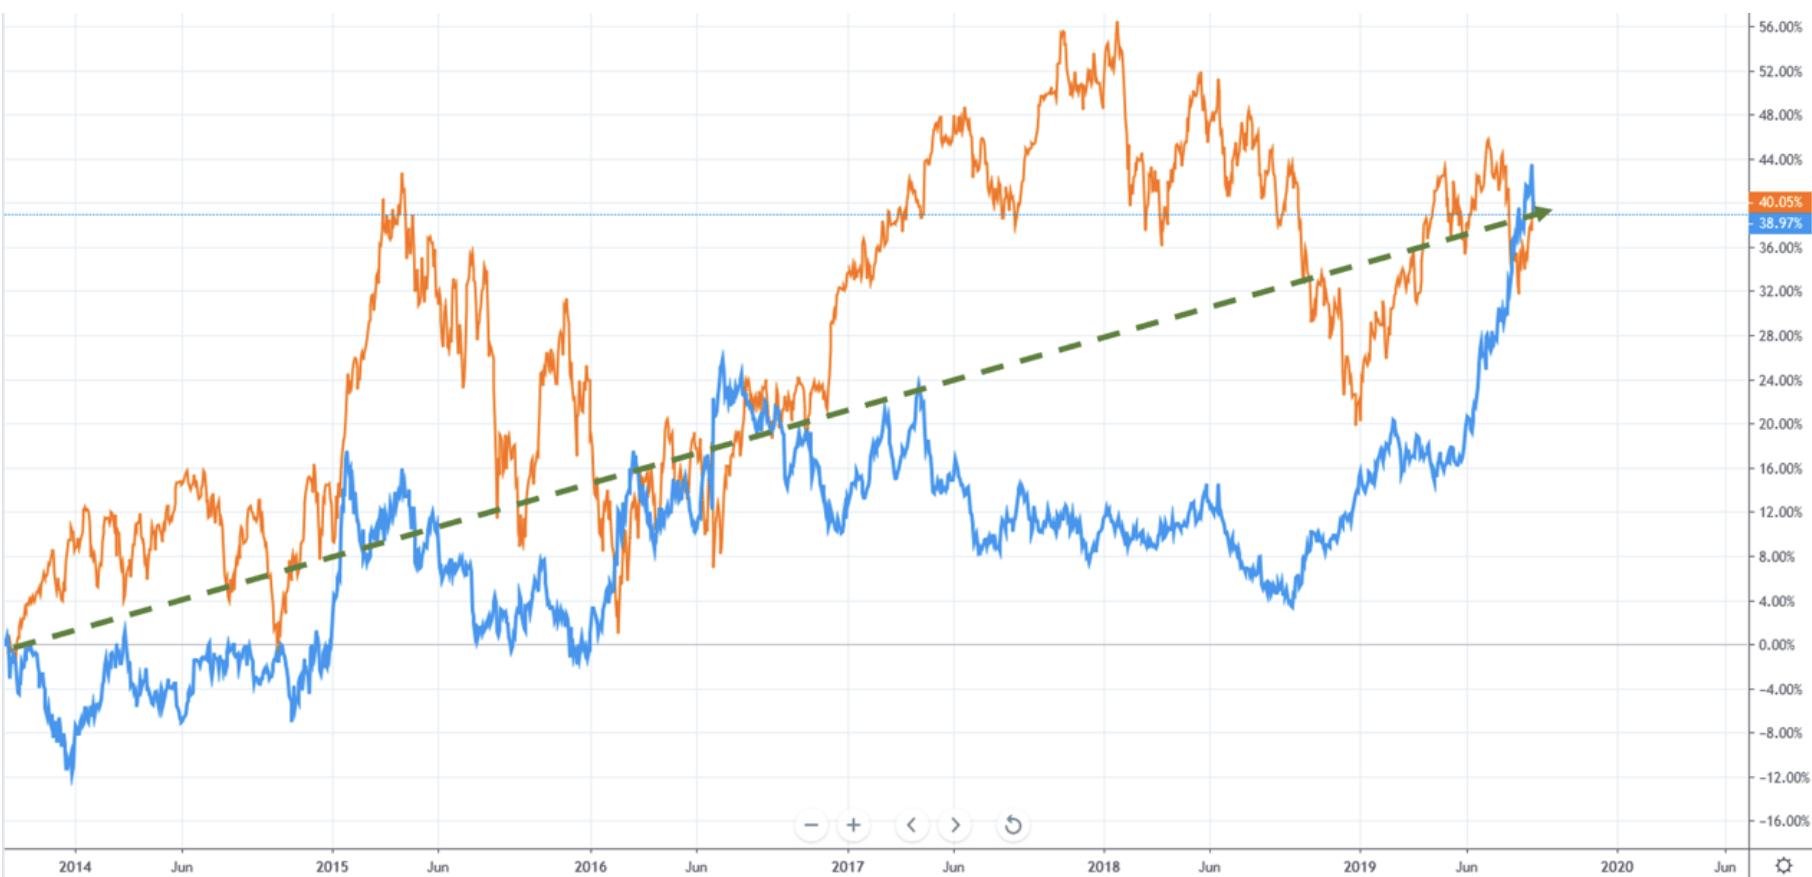 Anlagestrategie - Dax vs Gold